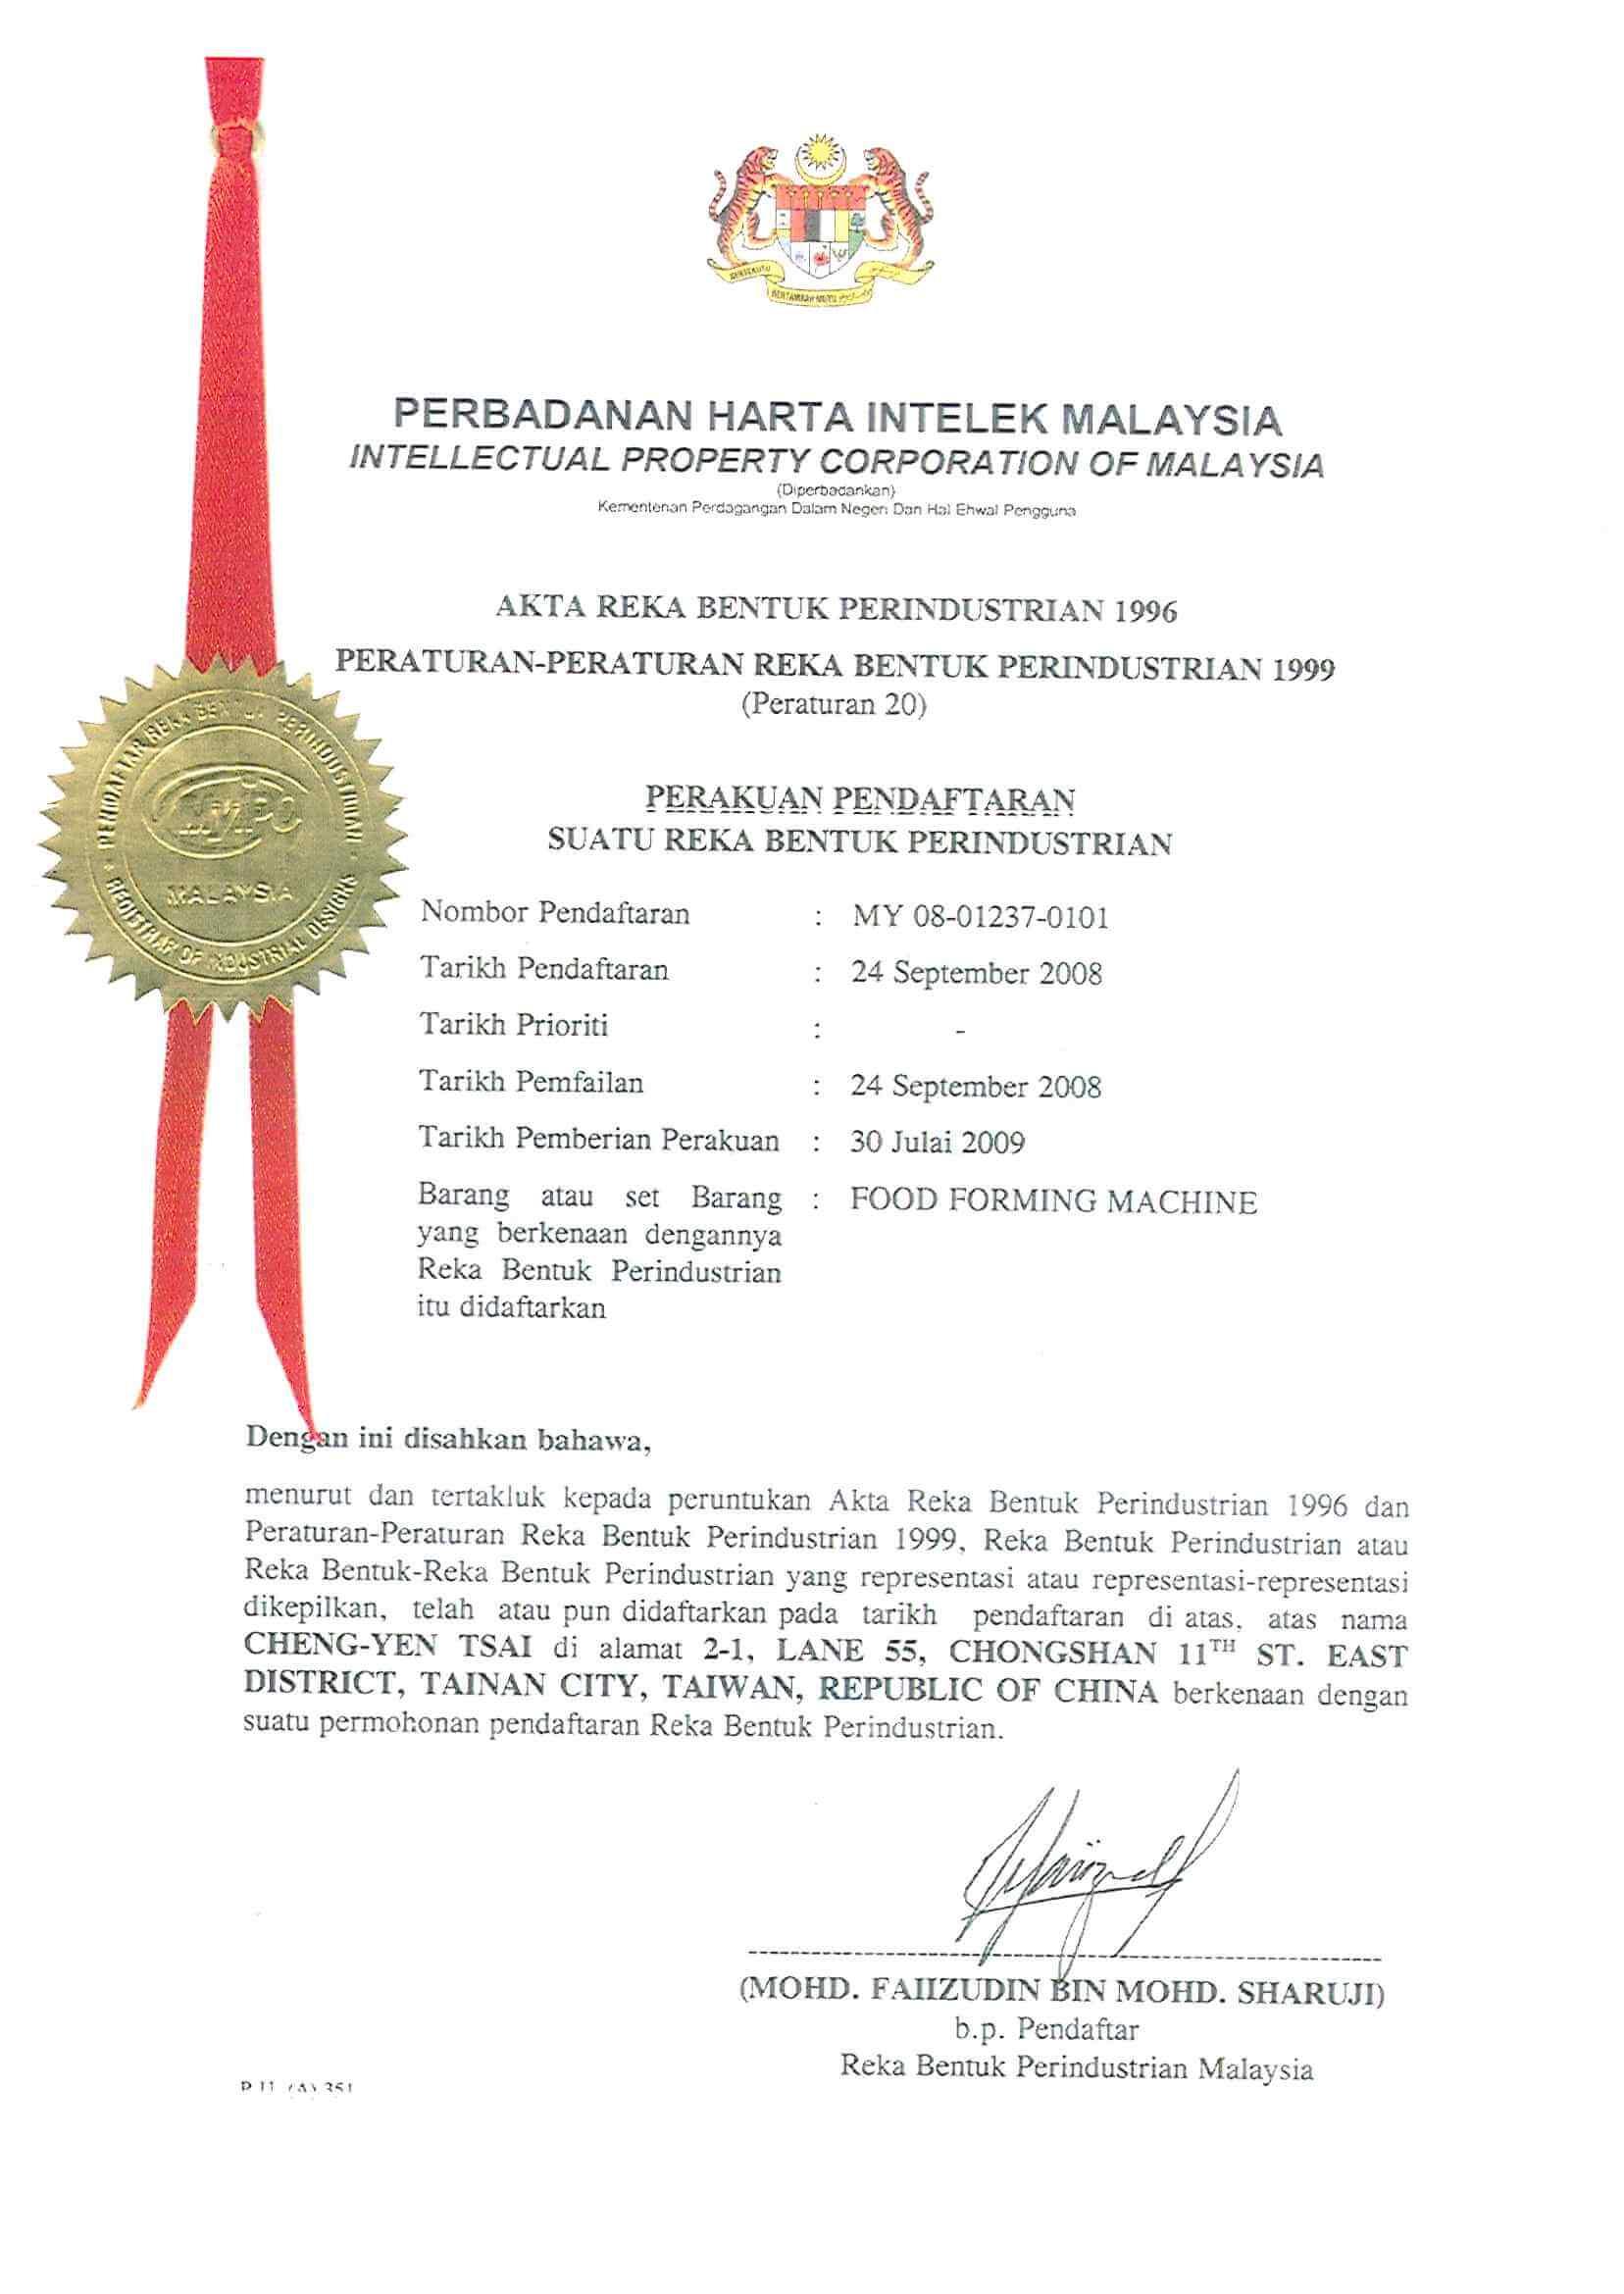 馬來西亞專利